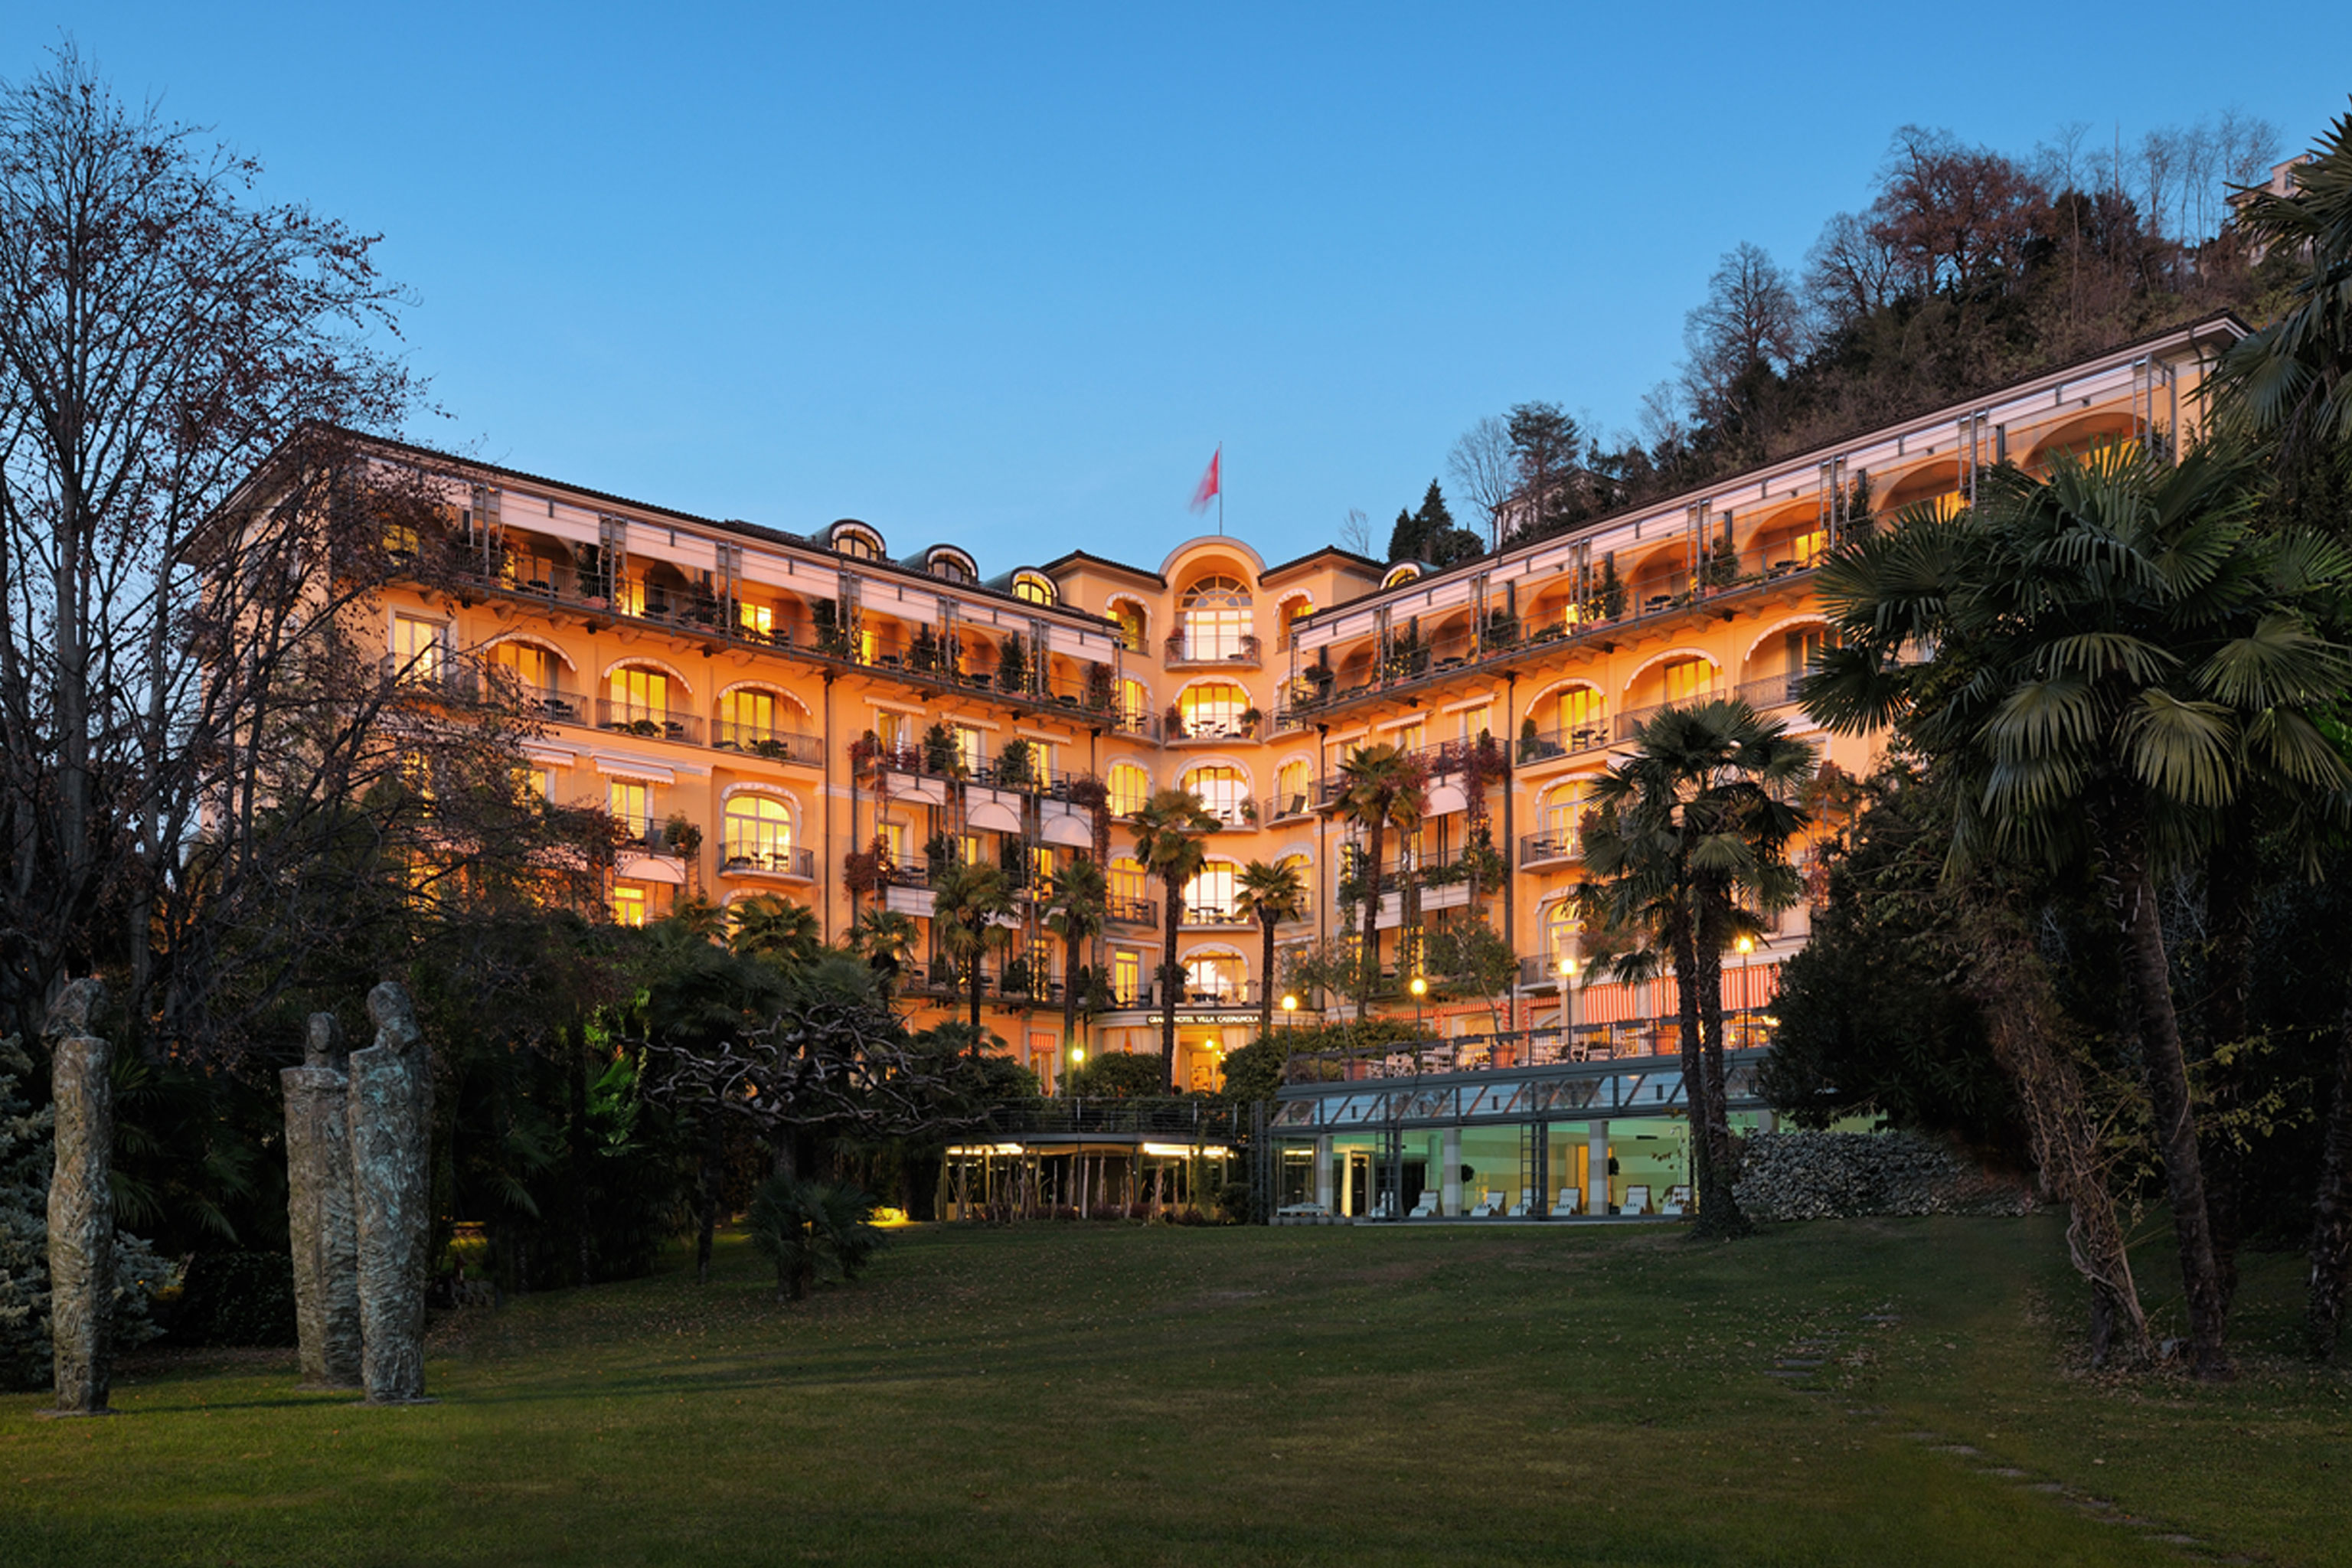 Villa Castagnola Hotel Lugano